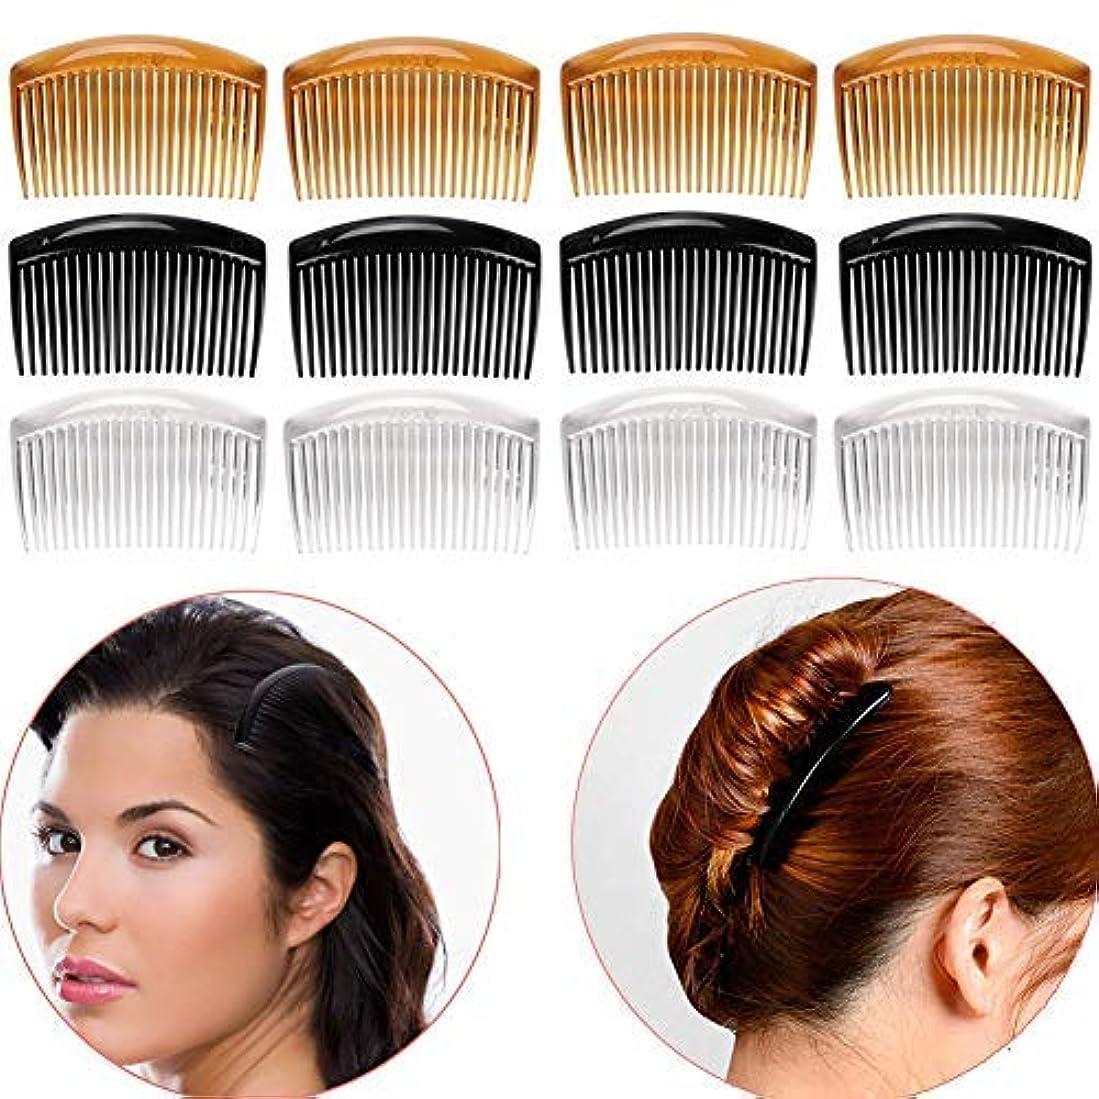 蘇生する加速度きらめきLuckycivia 12Pcs French Twist Comb, Plastic Side Hair Combs with 23 Teeth, Strong Hold No Slip Grip and Durable...